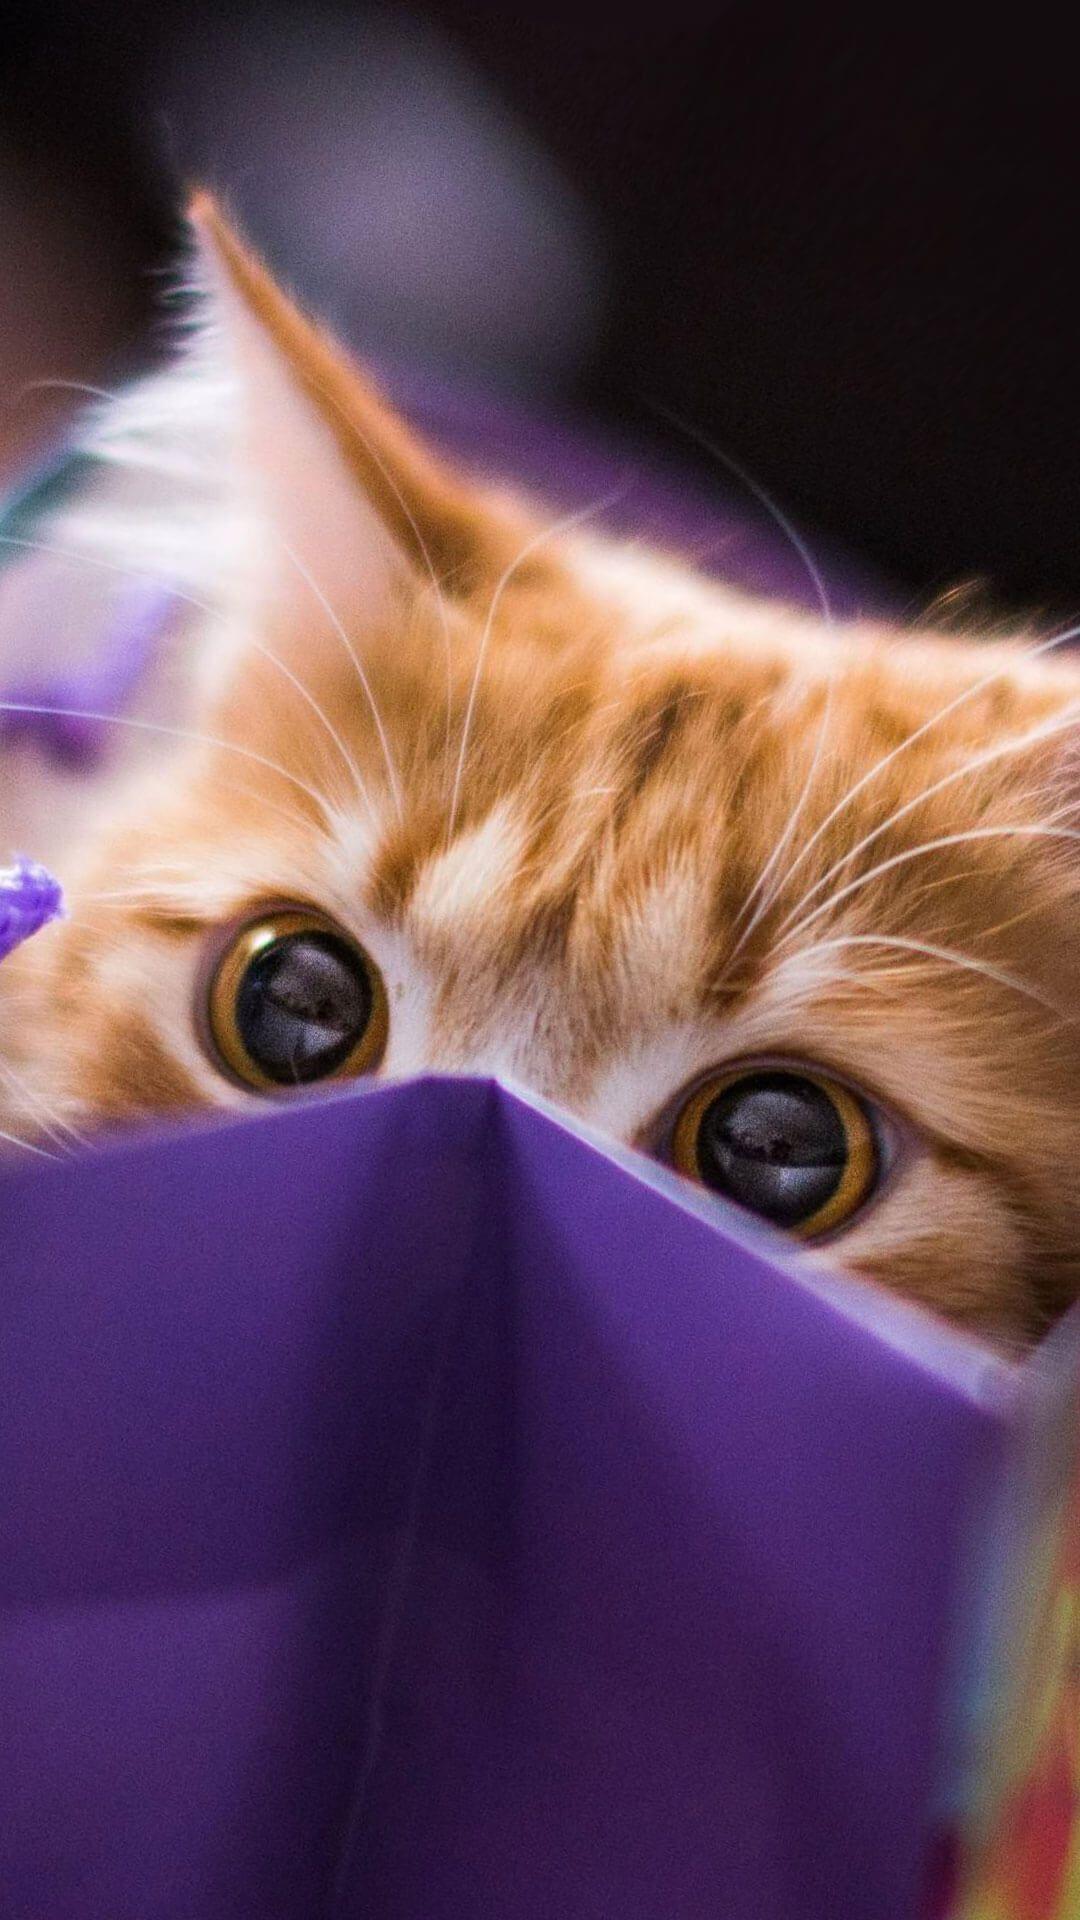 Cat Wallpaper Aesthetic Gambar Ngetrend Dan Viral